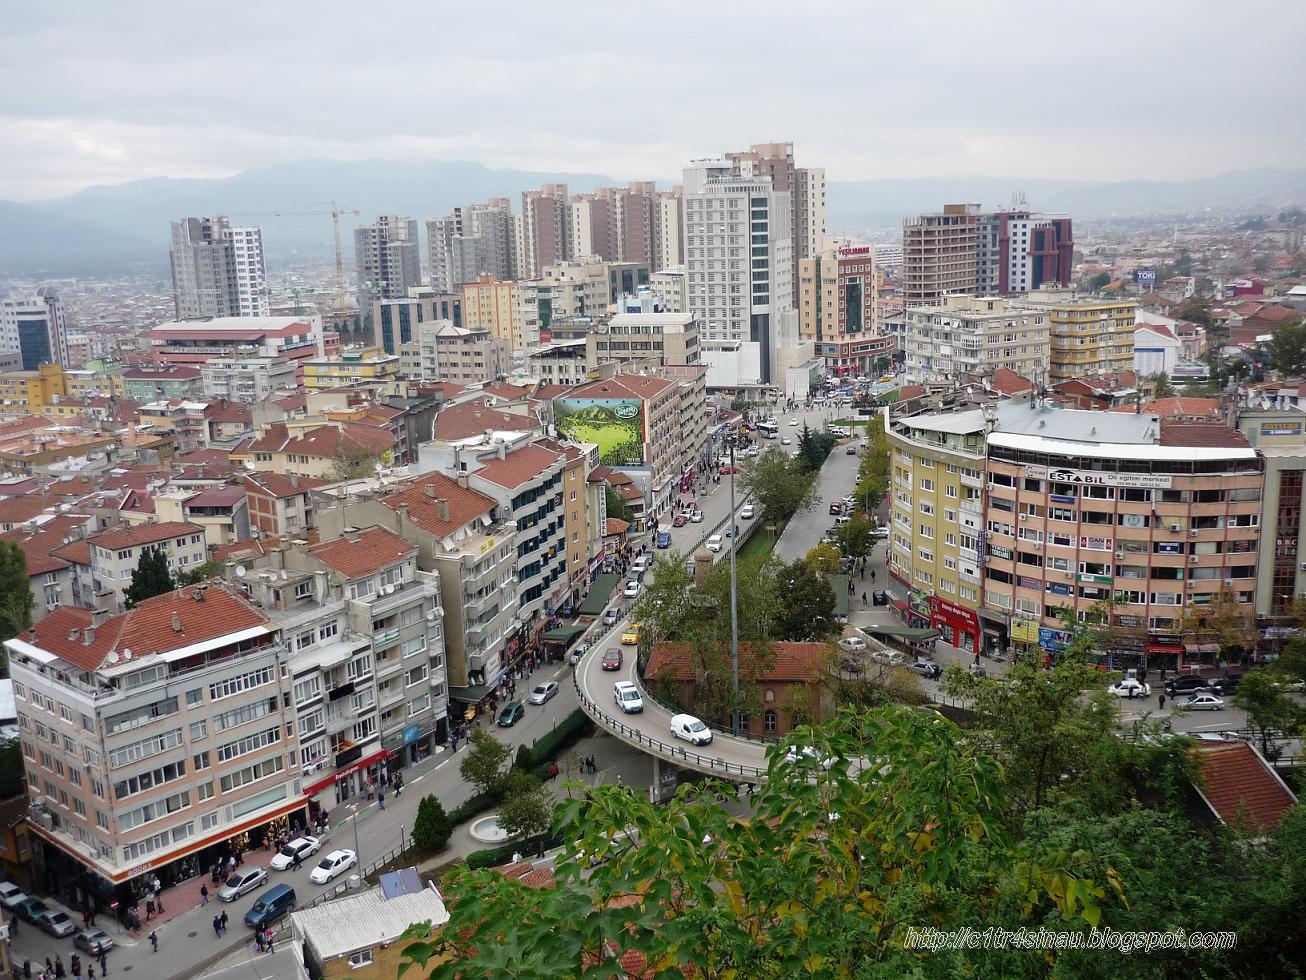 مدينة بورصة الخضراء تركيآ bntpal_1458398764_58